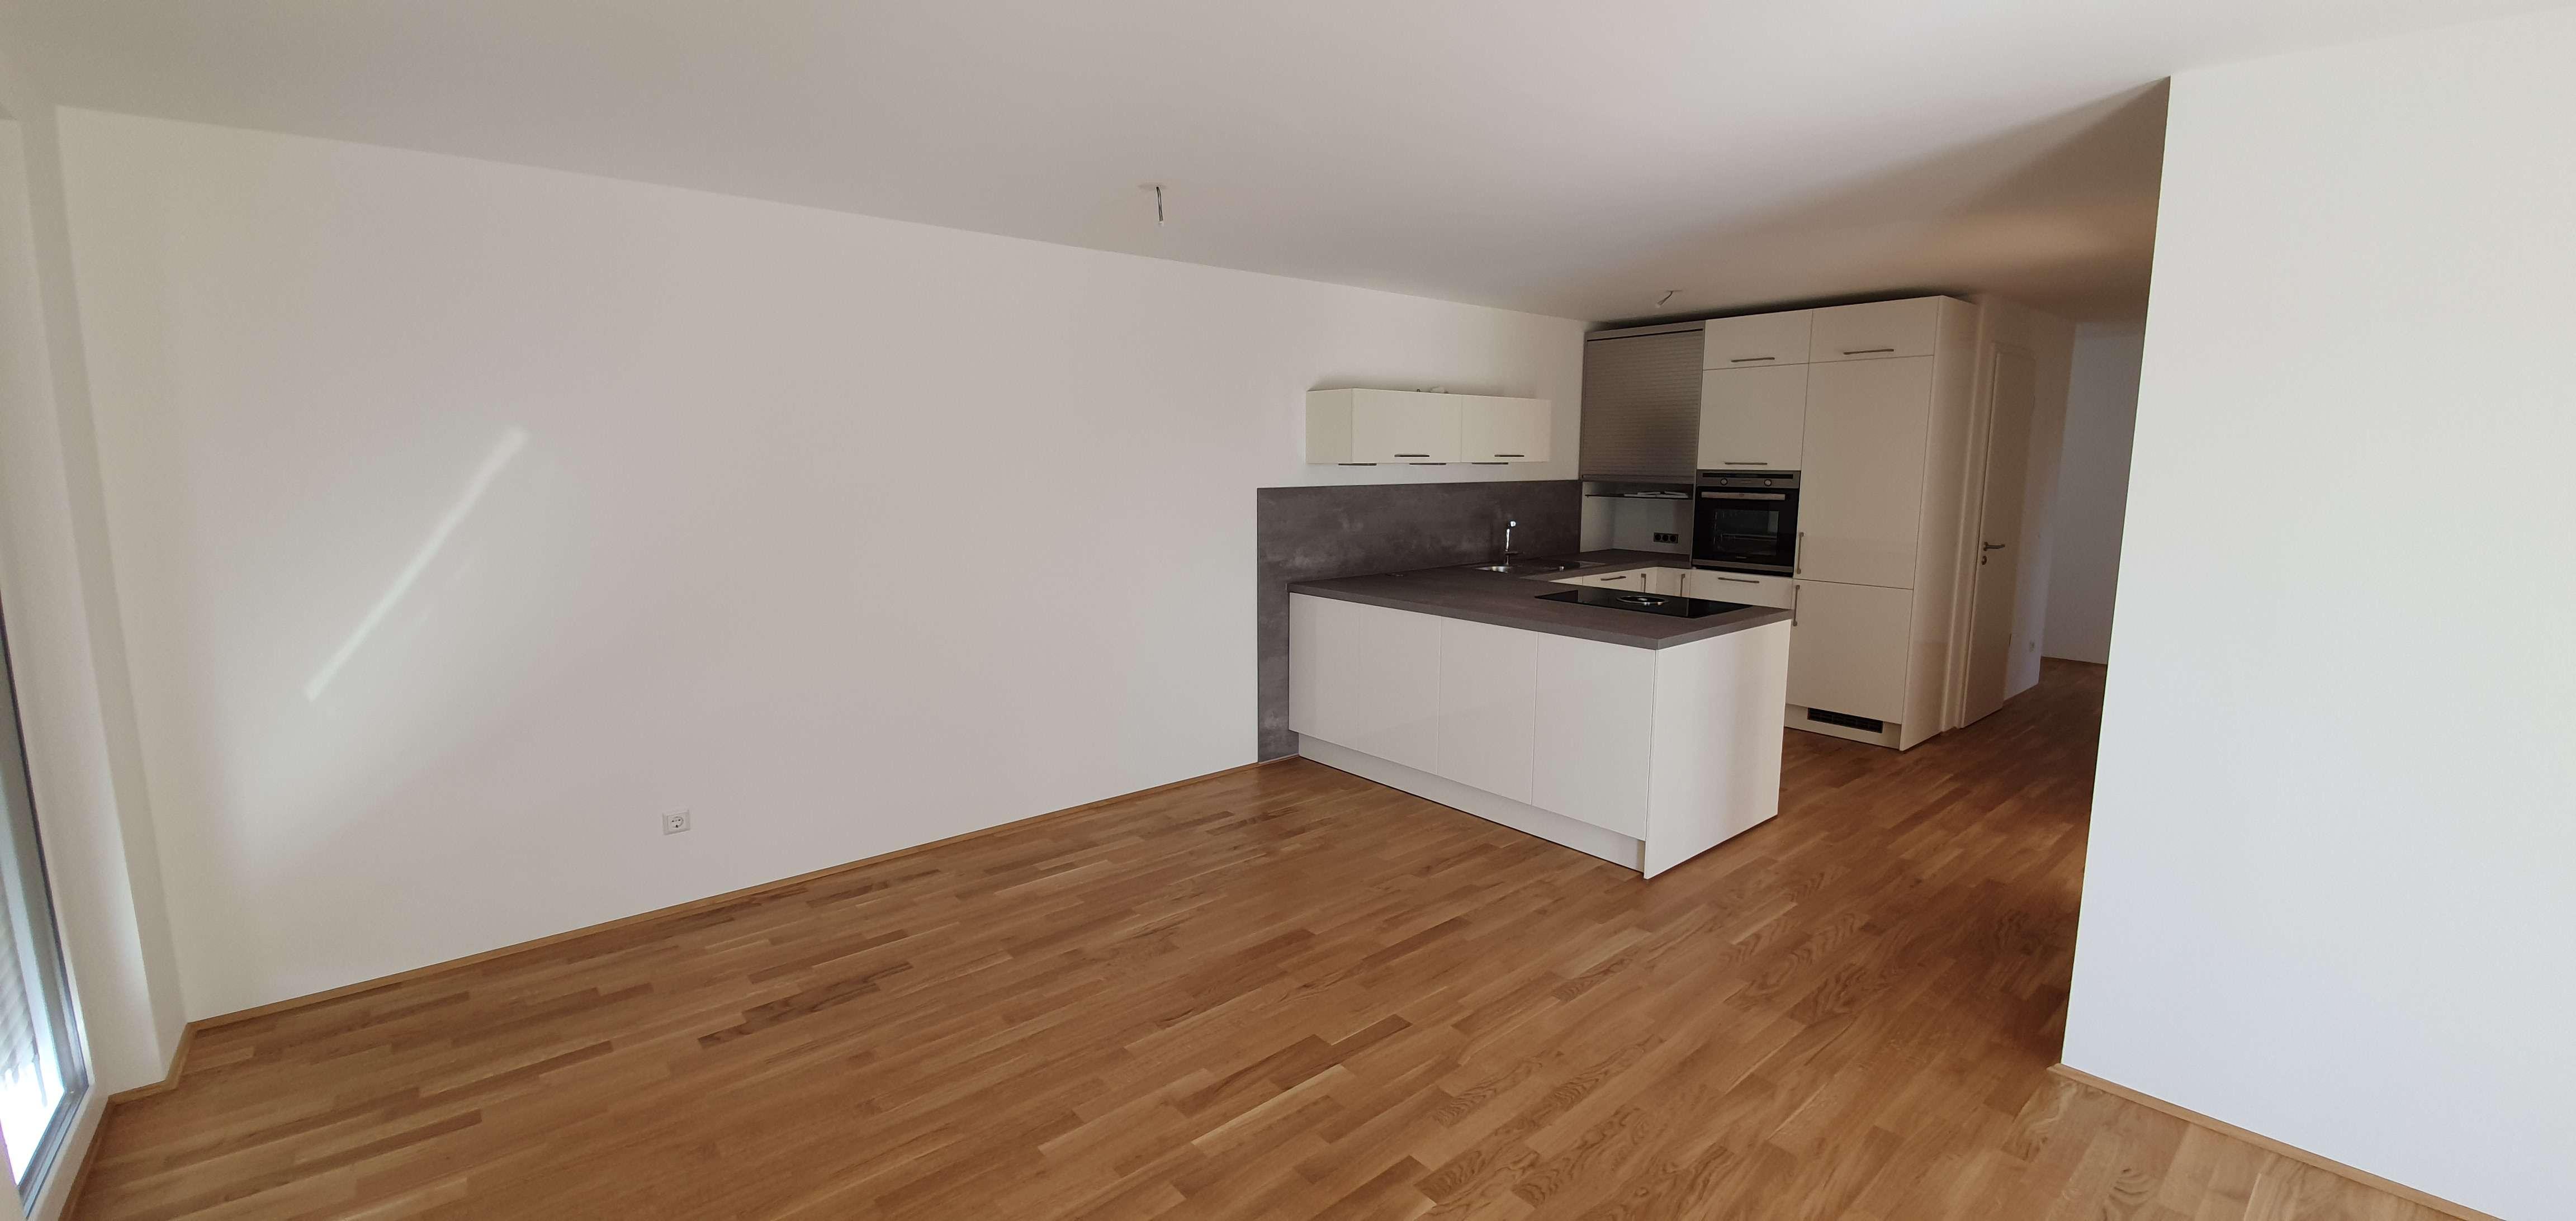 Erstbezug: schöne, helle 4-Zimmer-Wohnung mit EBK und Süd-Balkon in Günzburg in Günzburg